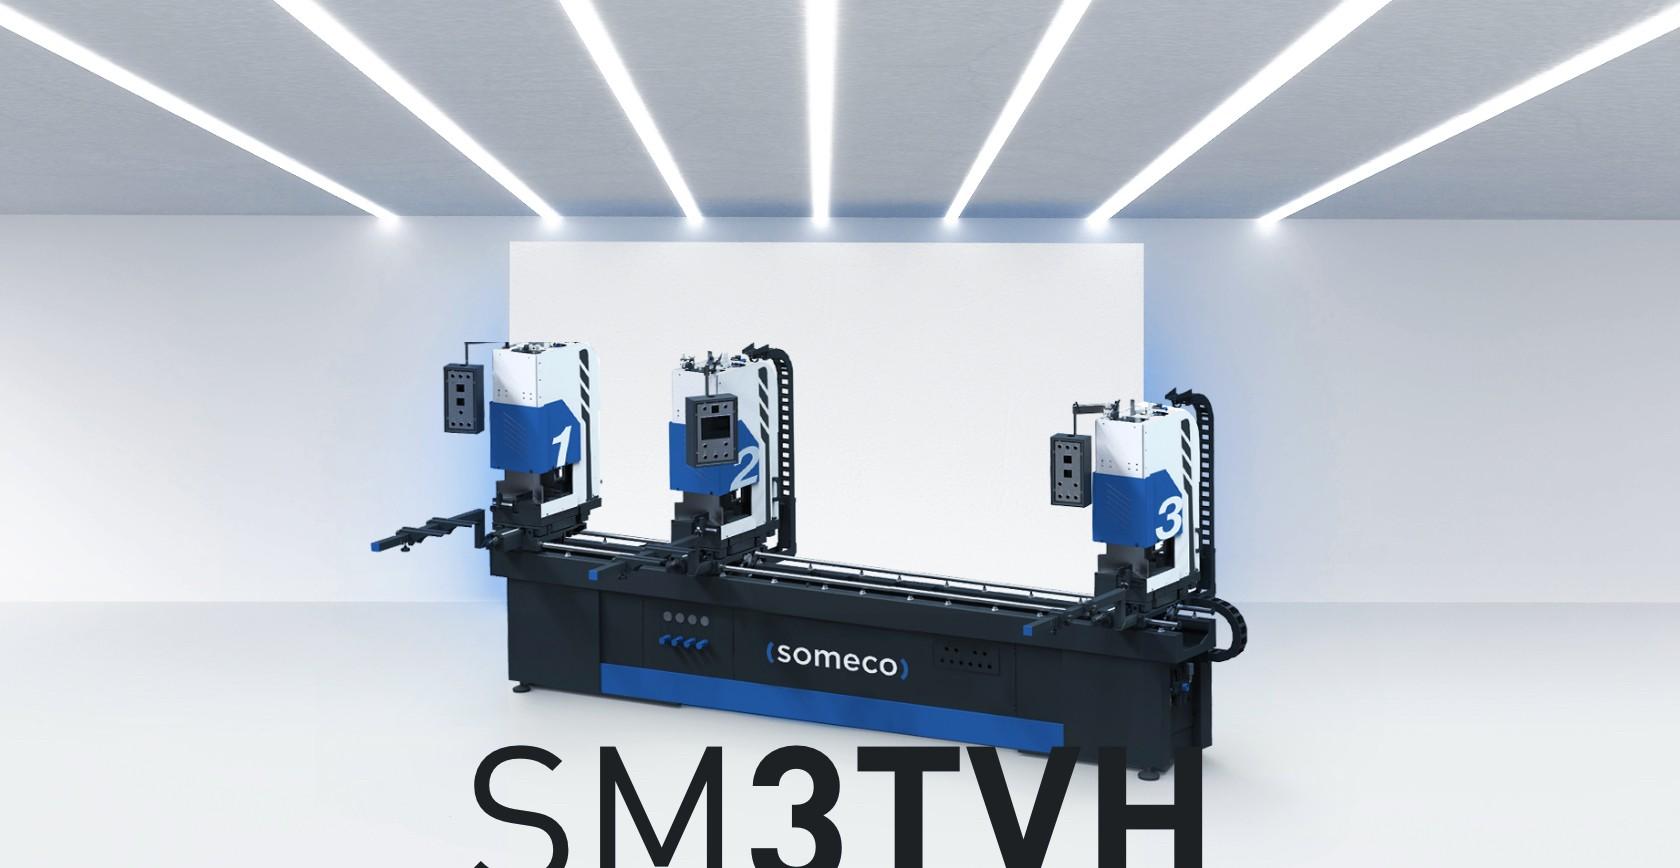 Someco - SM 3TVH